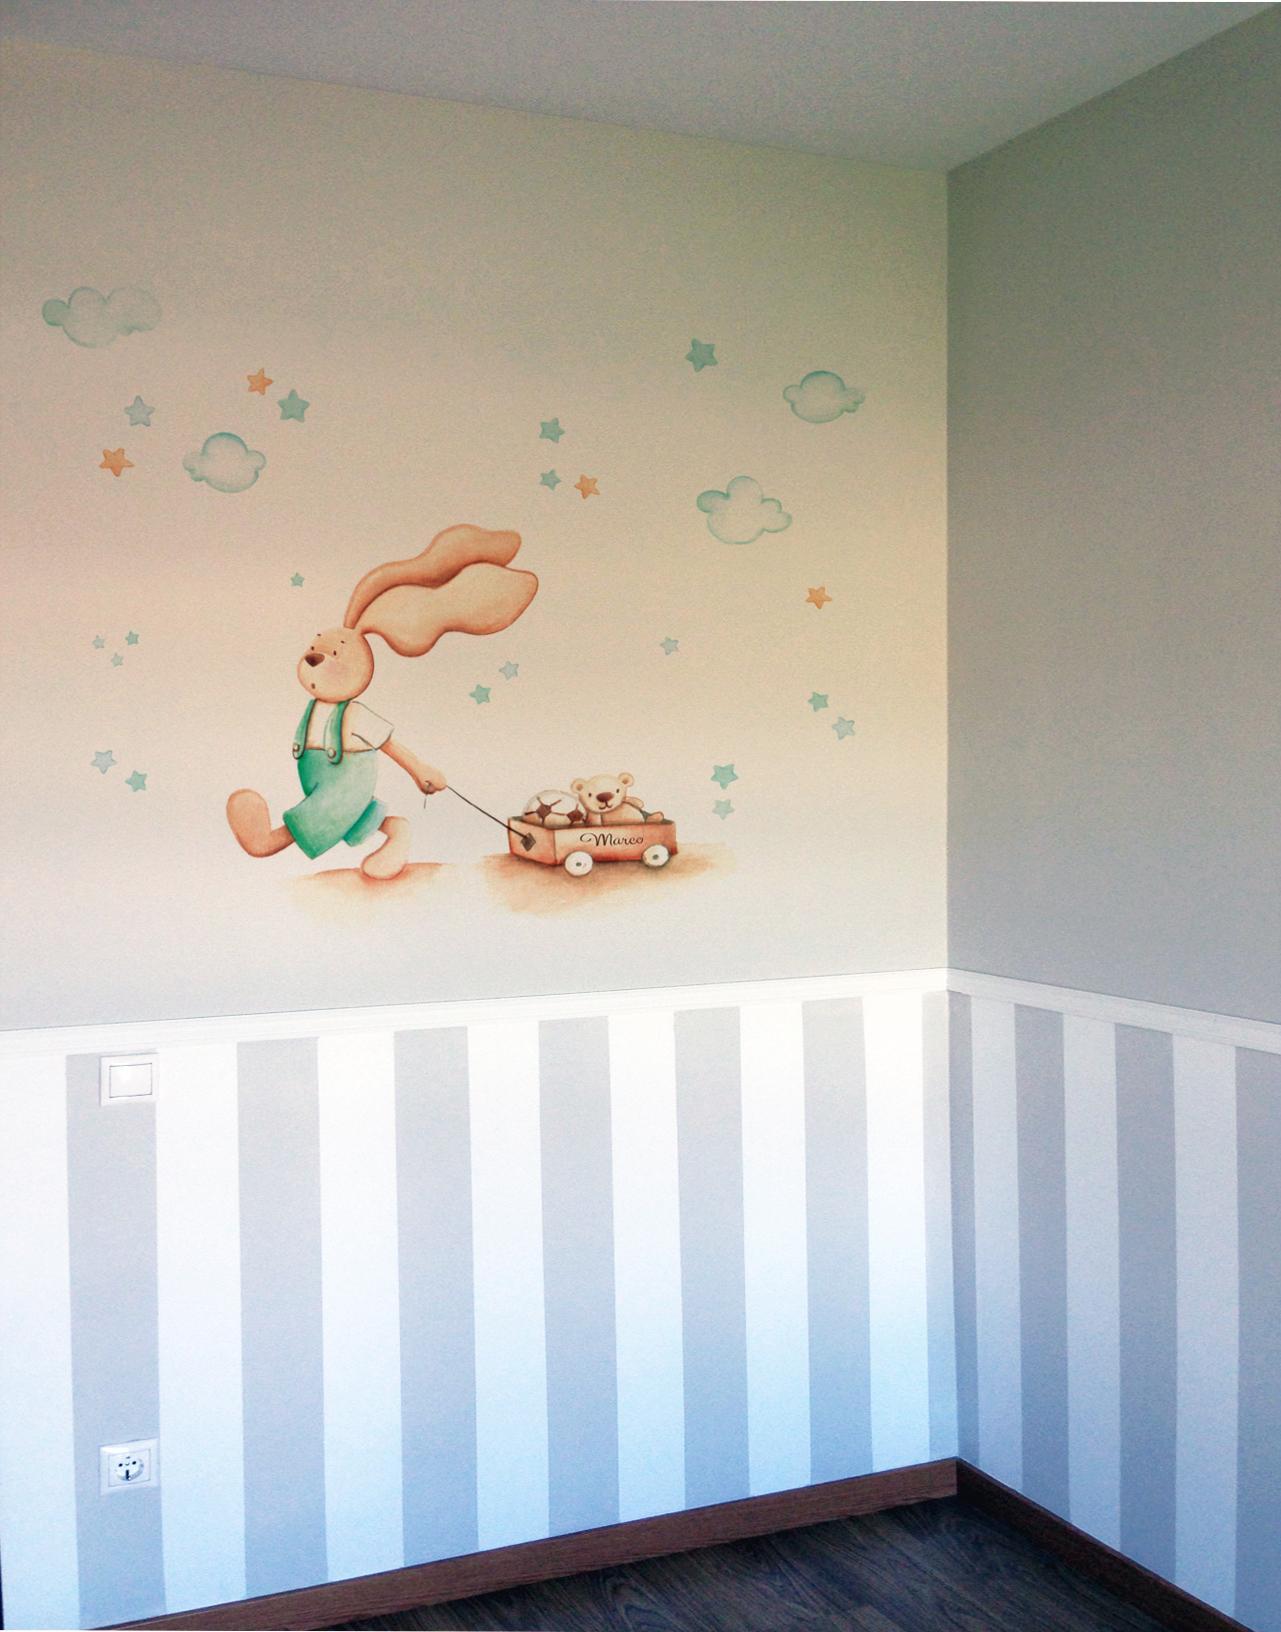 VINILO INFANTIL: Conejito con carro de juguetes en tonos verdes